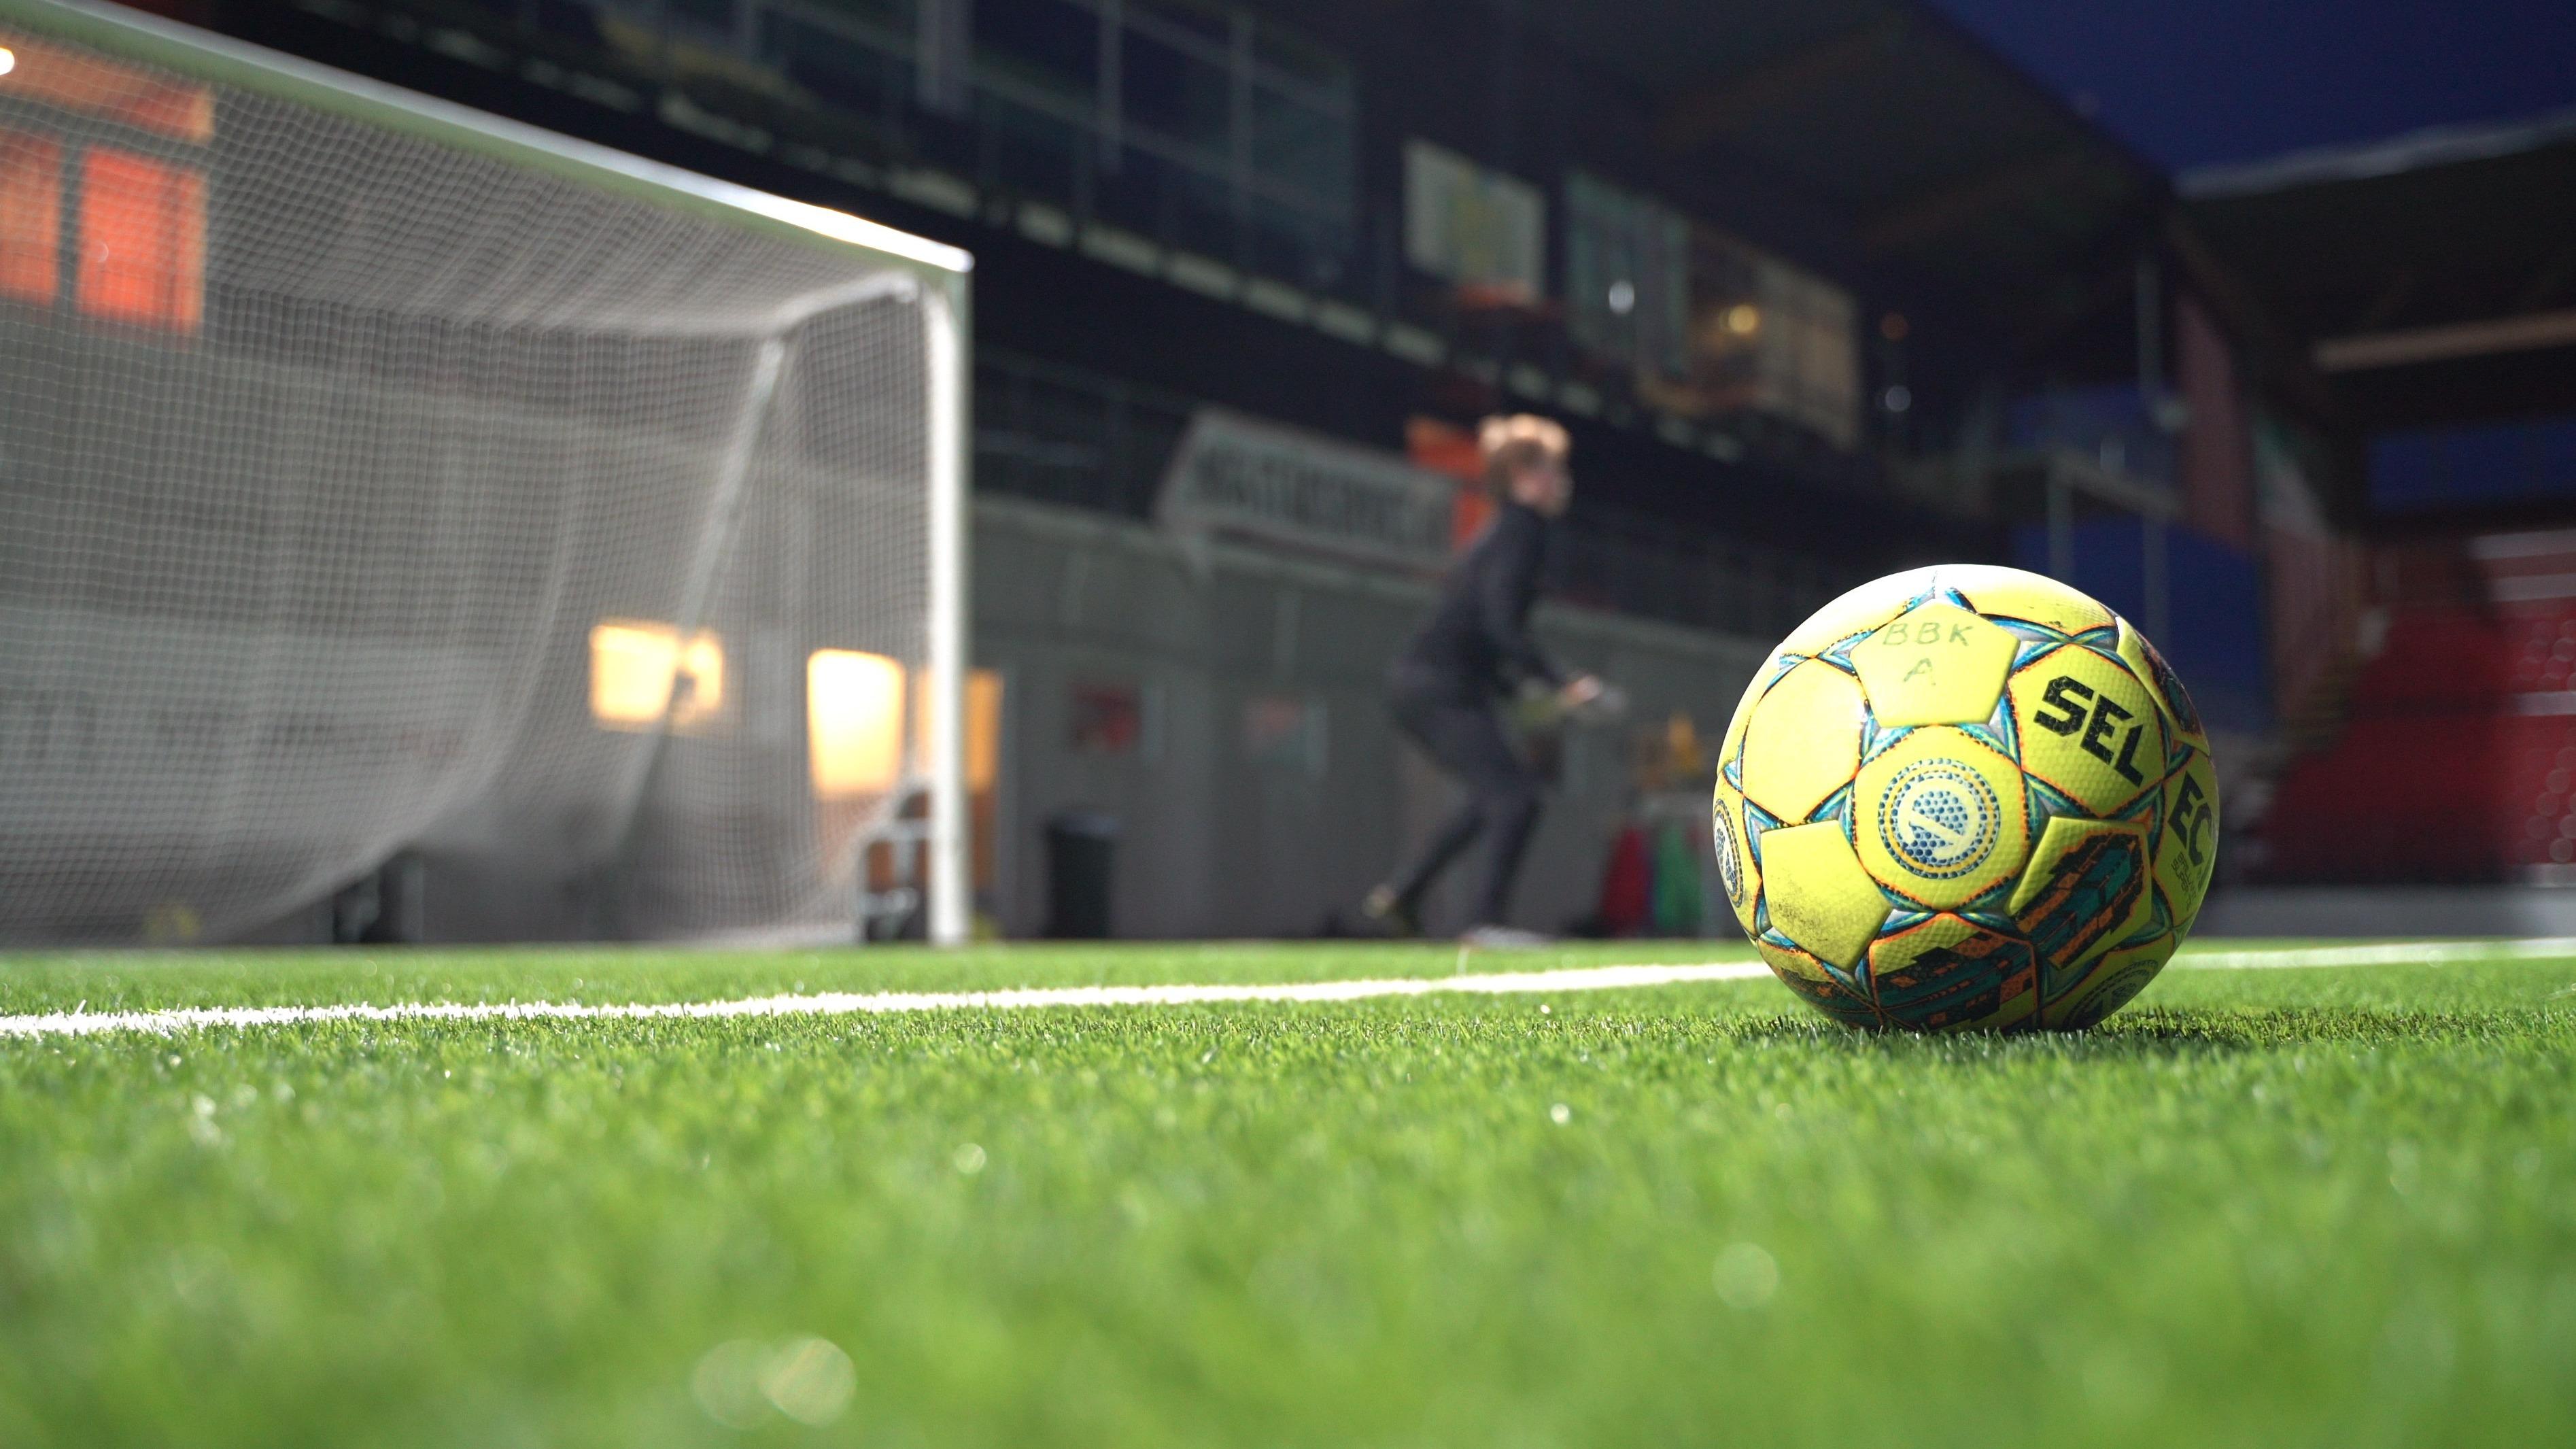 En gymnasieelev står i fotbollsmål. Närbild på en fotboll.